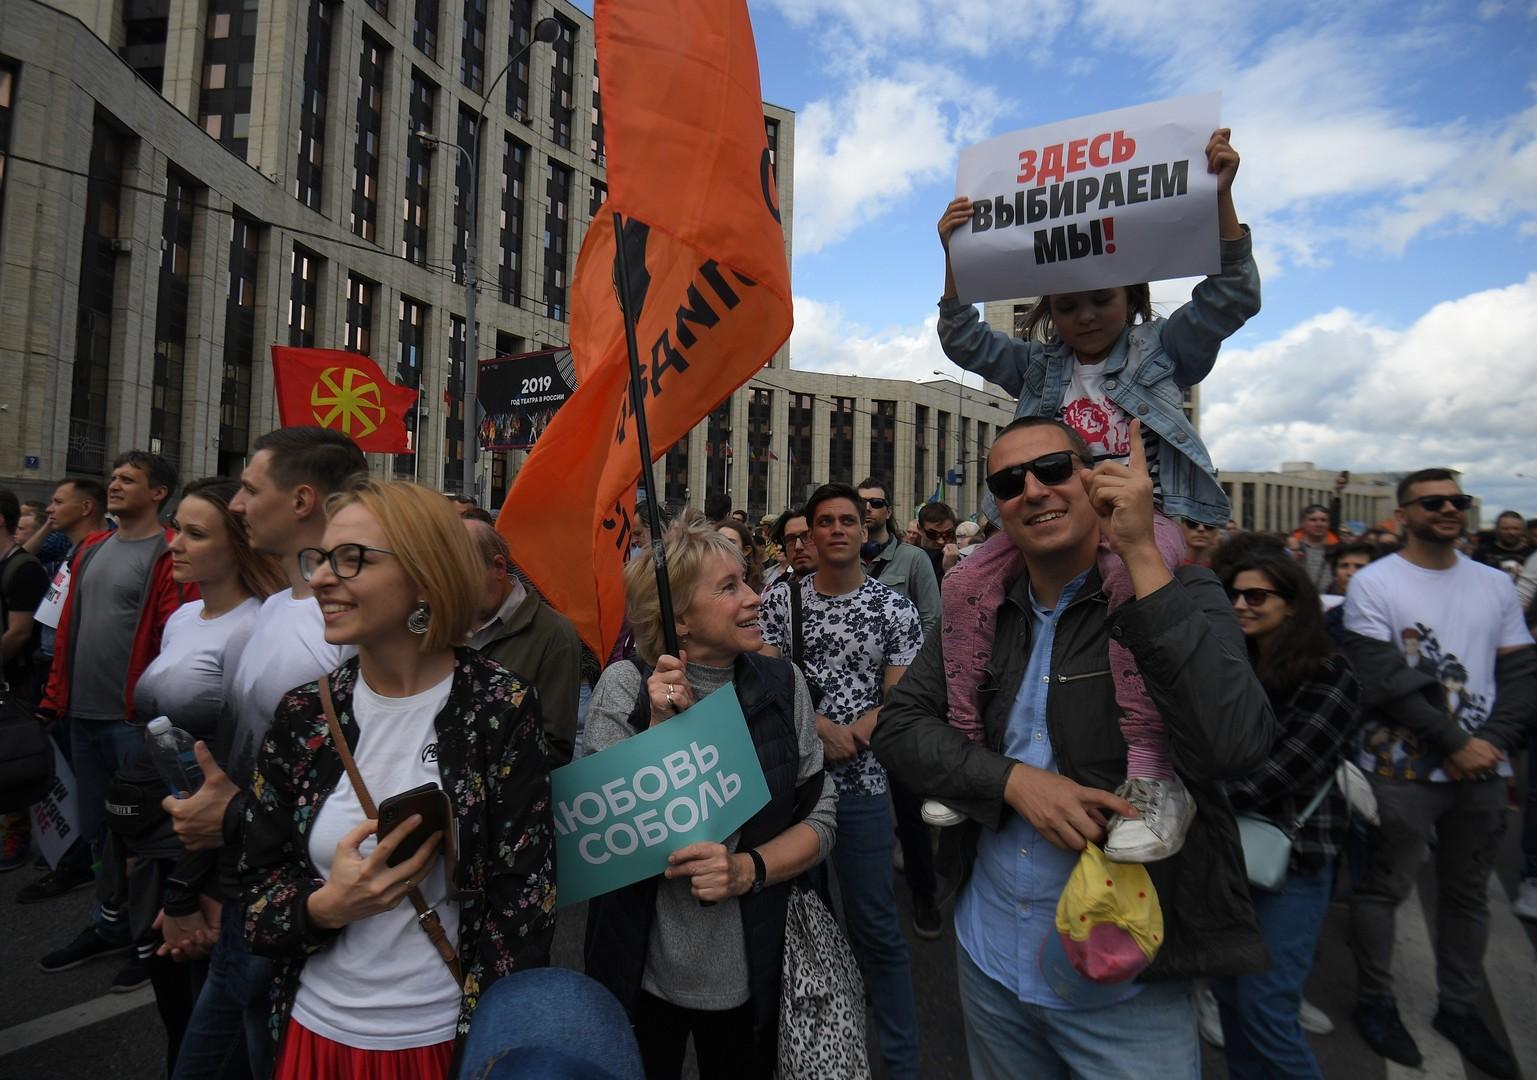 تظاهرة لمعارضي انتخابات بلدية موسكو